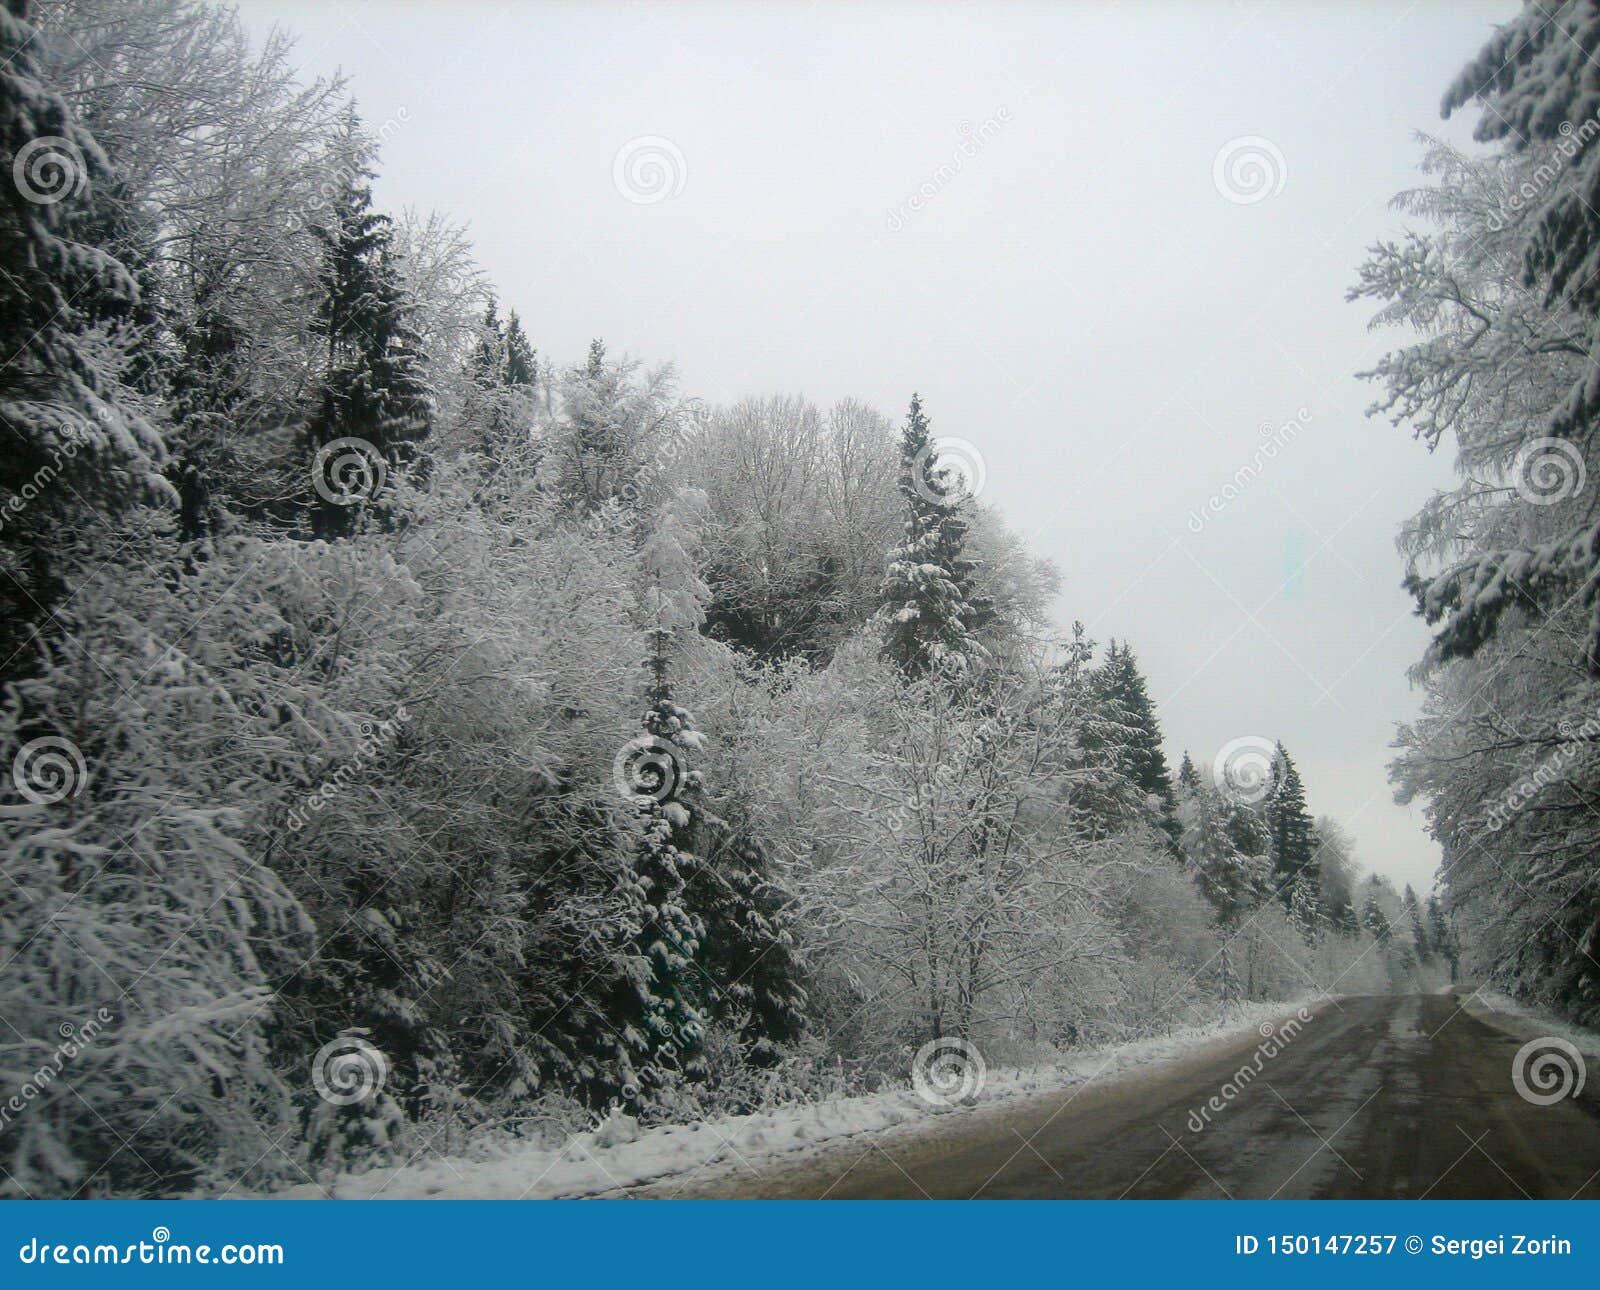 Carretera de asfalto en el bosque profundo en un día de invierno mojado